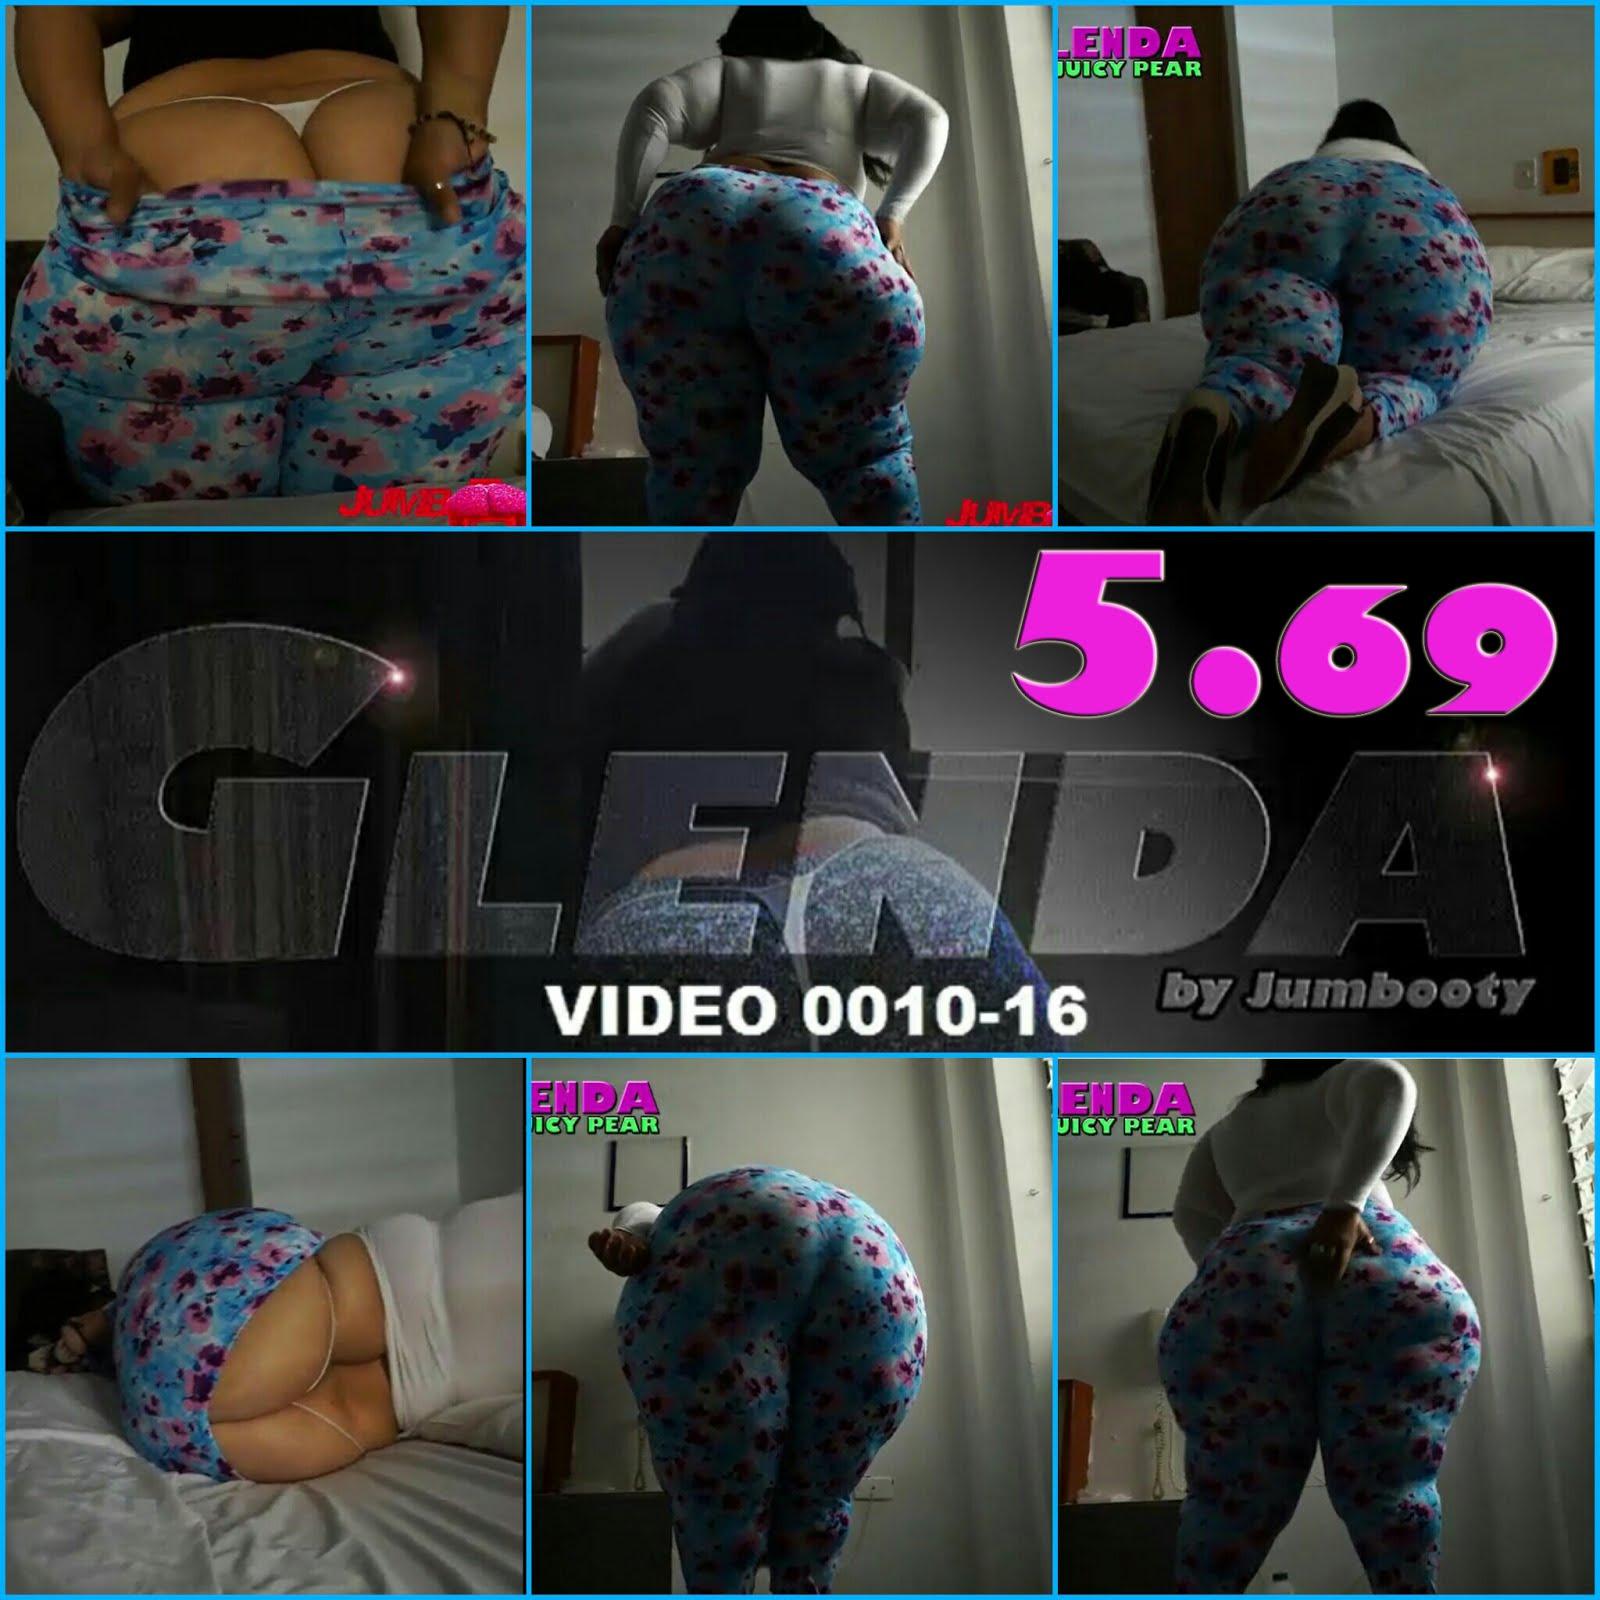 GLENDA VID 0010-16